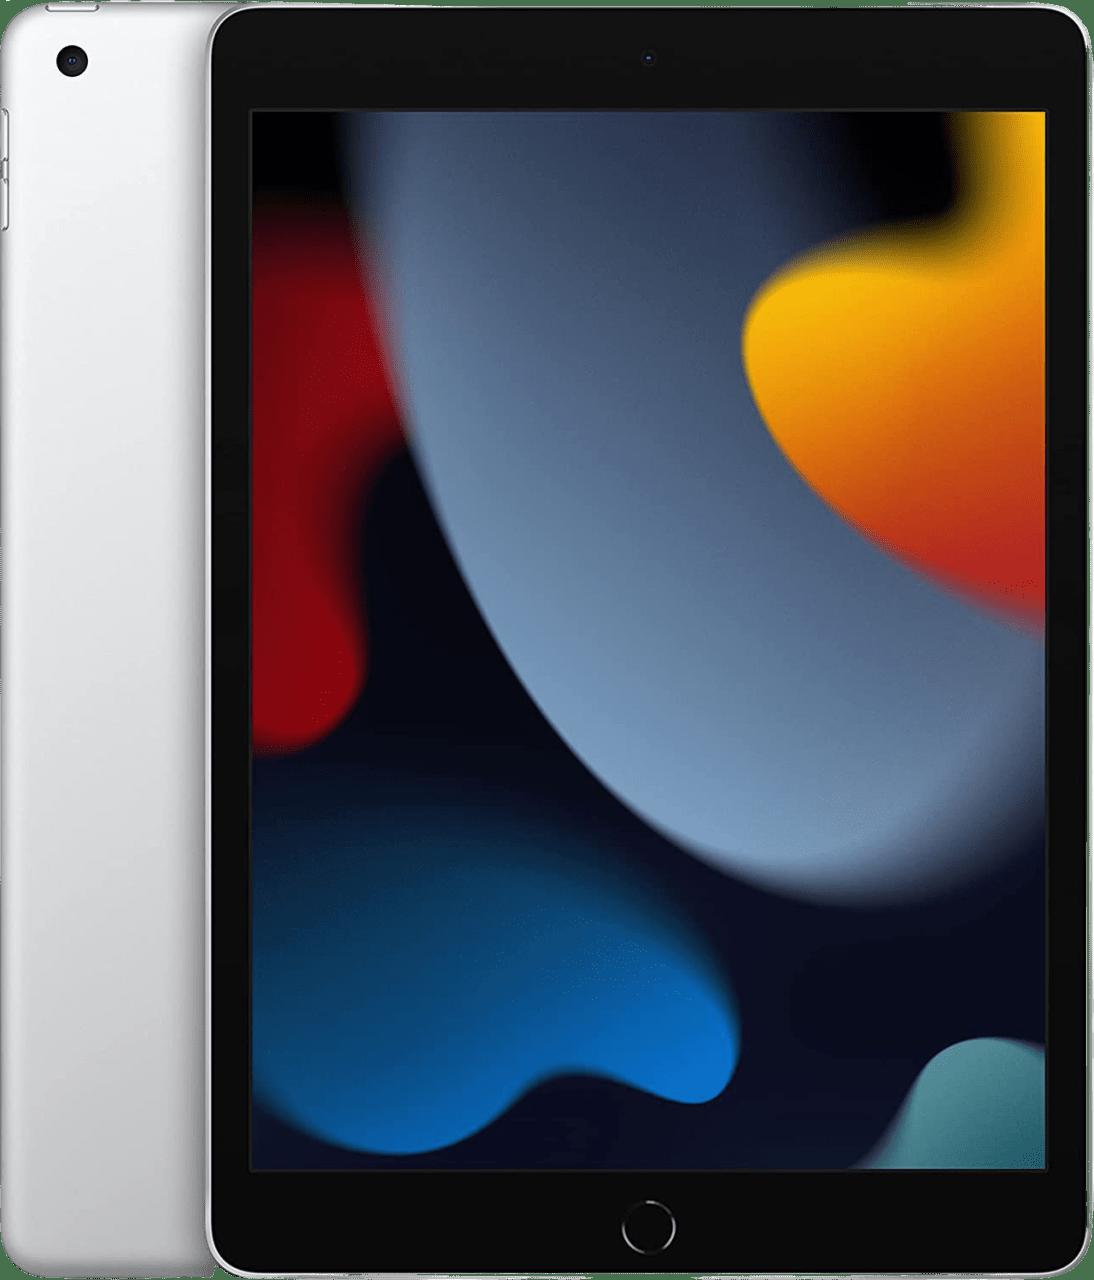 Silver Apple Ipad (2021) - WiFi - iOS 15 - 64GB.1